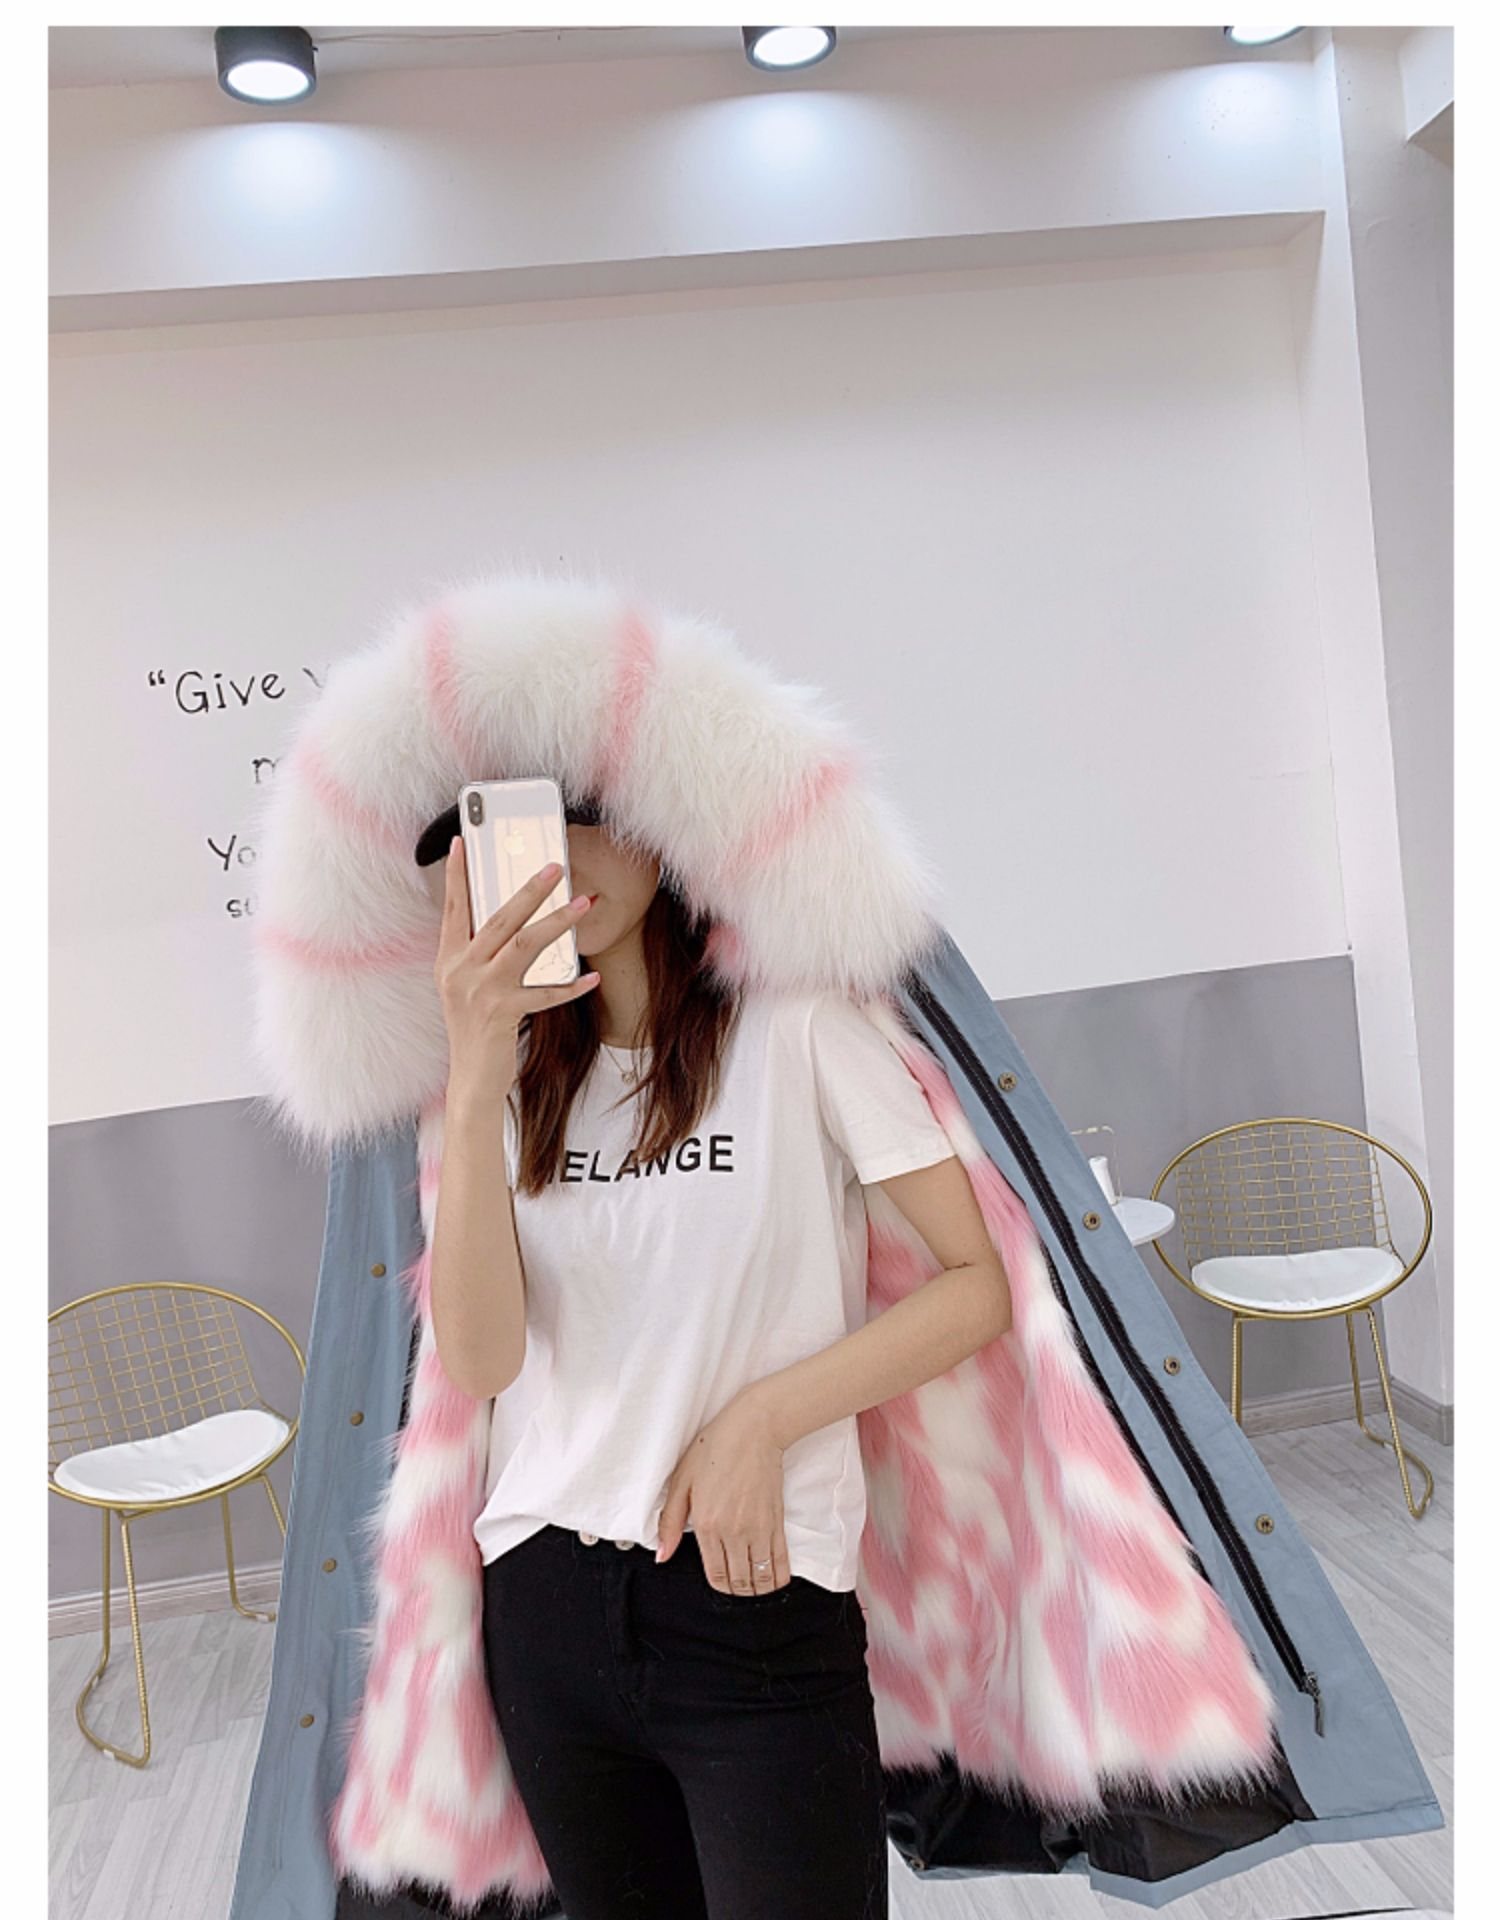 Futro damskie długie Patka kurtka zimowa damskie sztuczne futro odpinany imitacja futra lisa parki z podszewką Mujer 2020 J3612 -